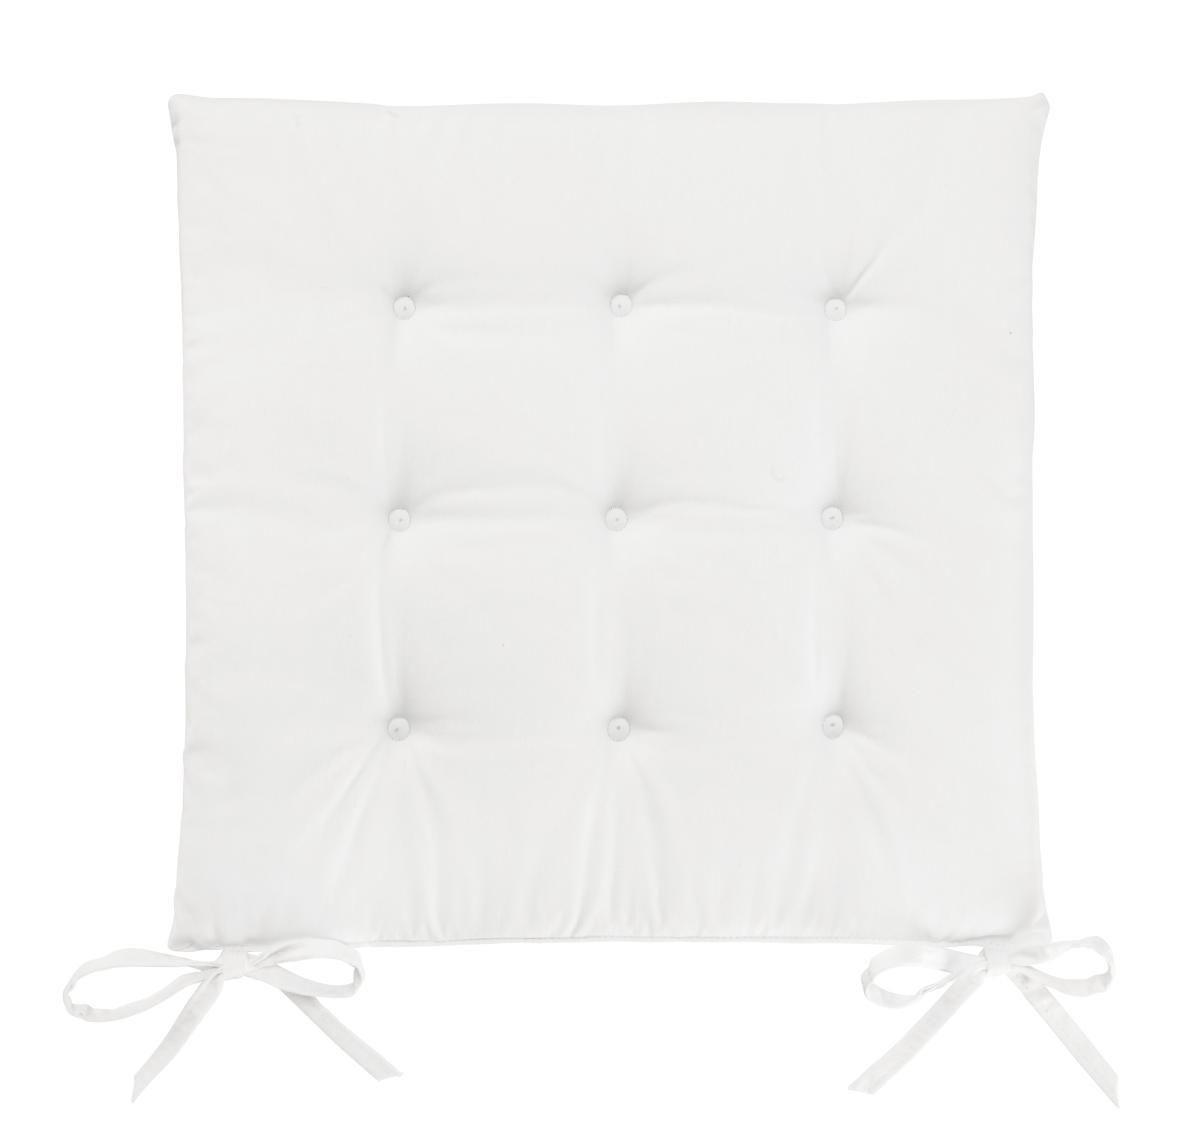 Sitzkissen Lola in Weiß, ca. 40x40cm - Naturfarben, Textil (40/40/2cm) - BASED